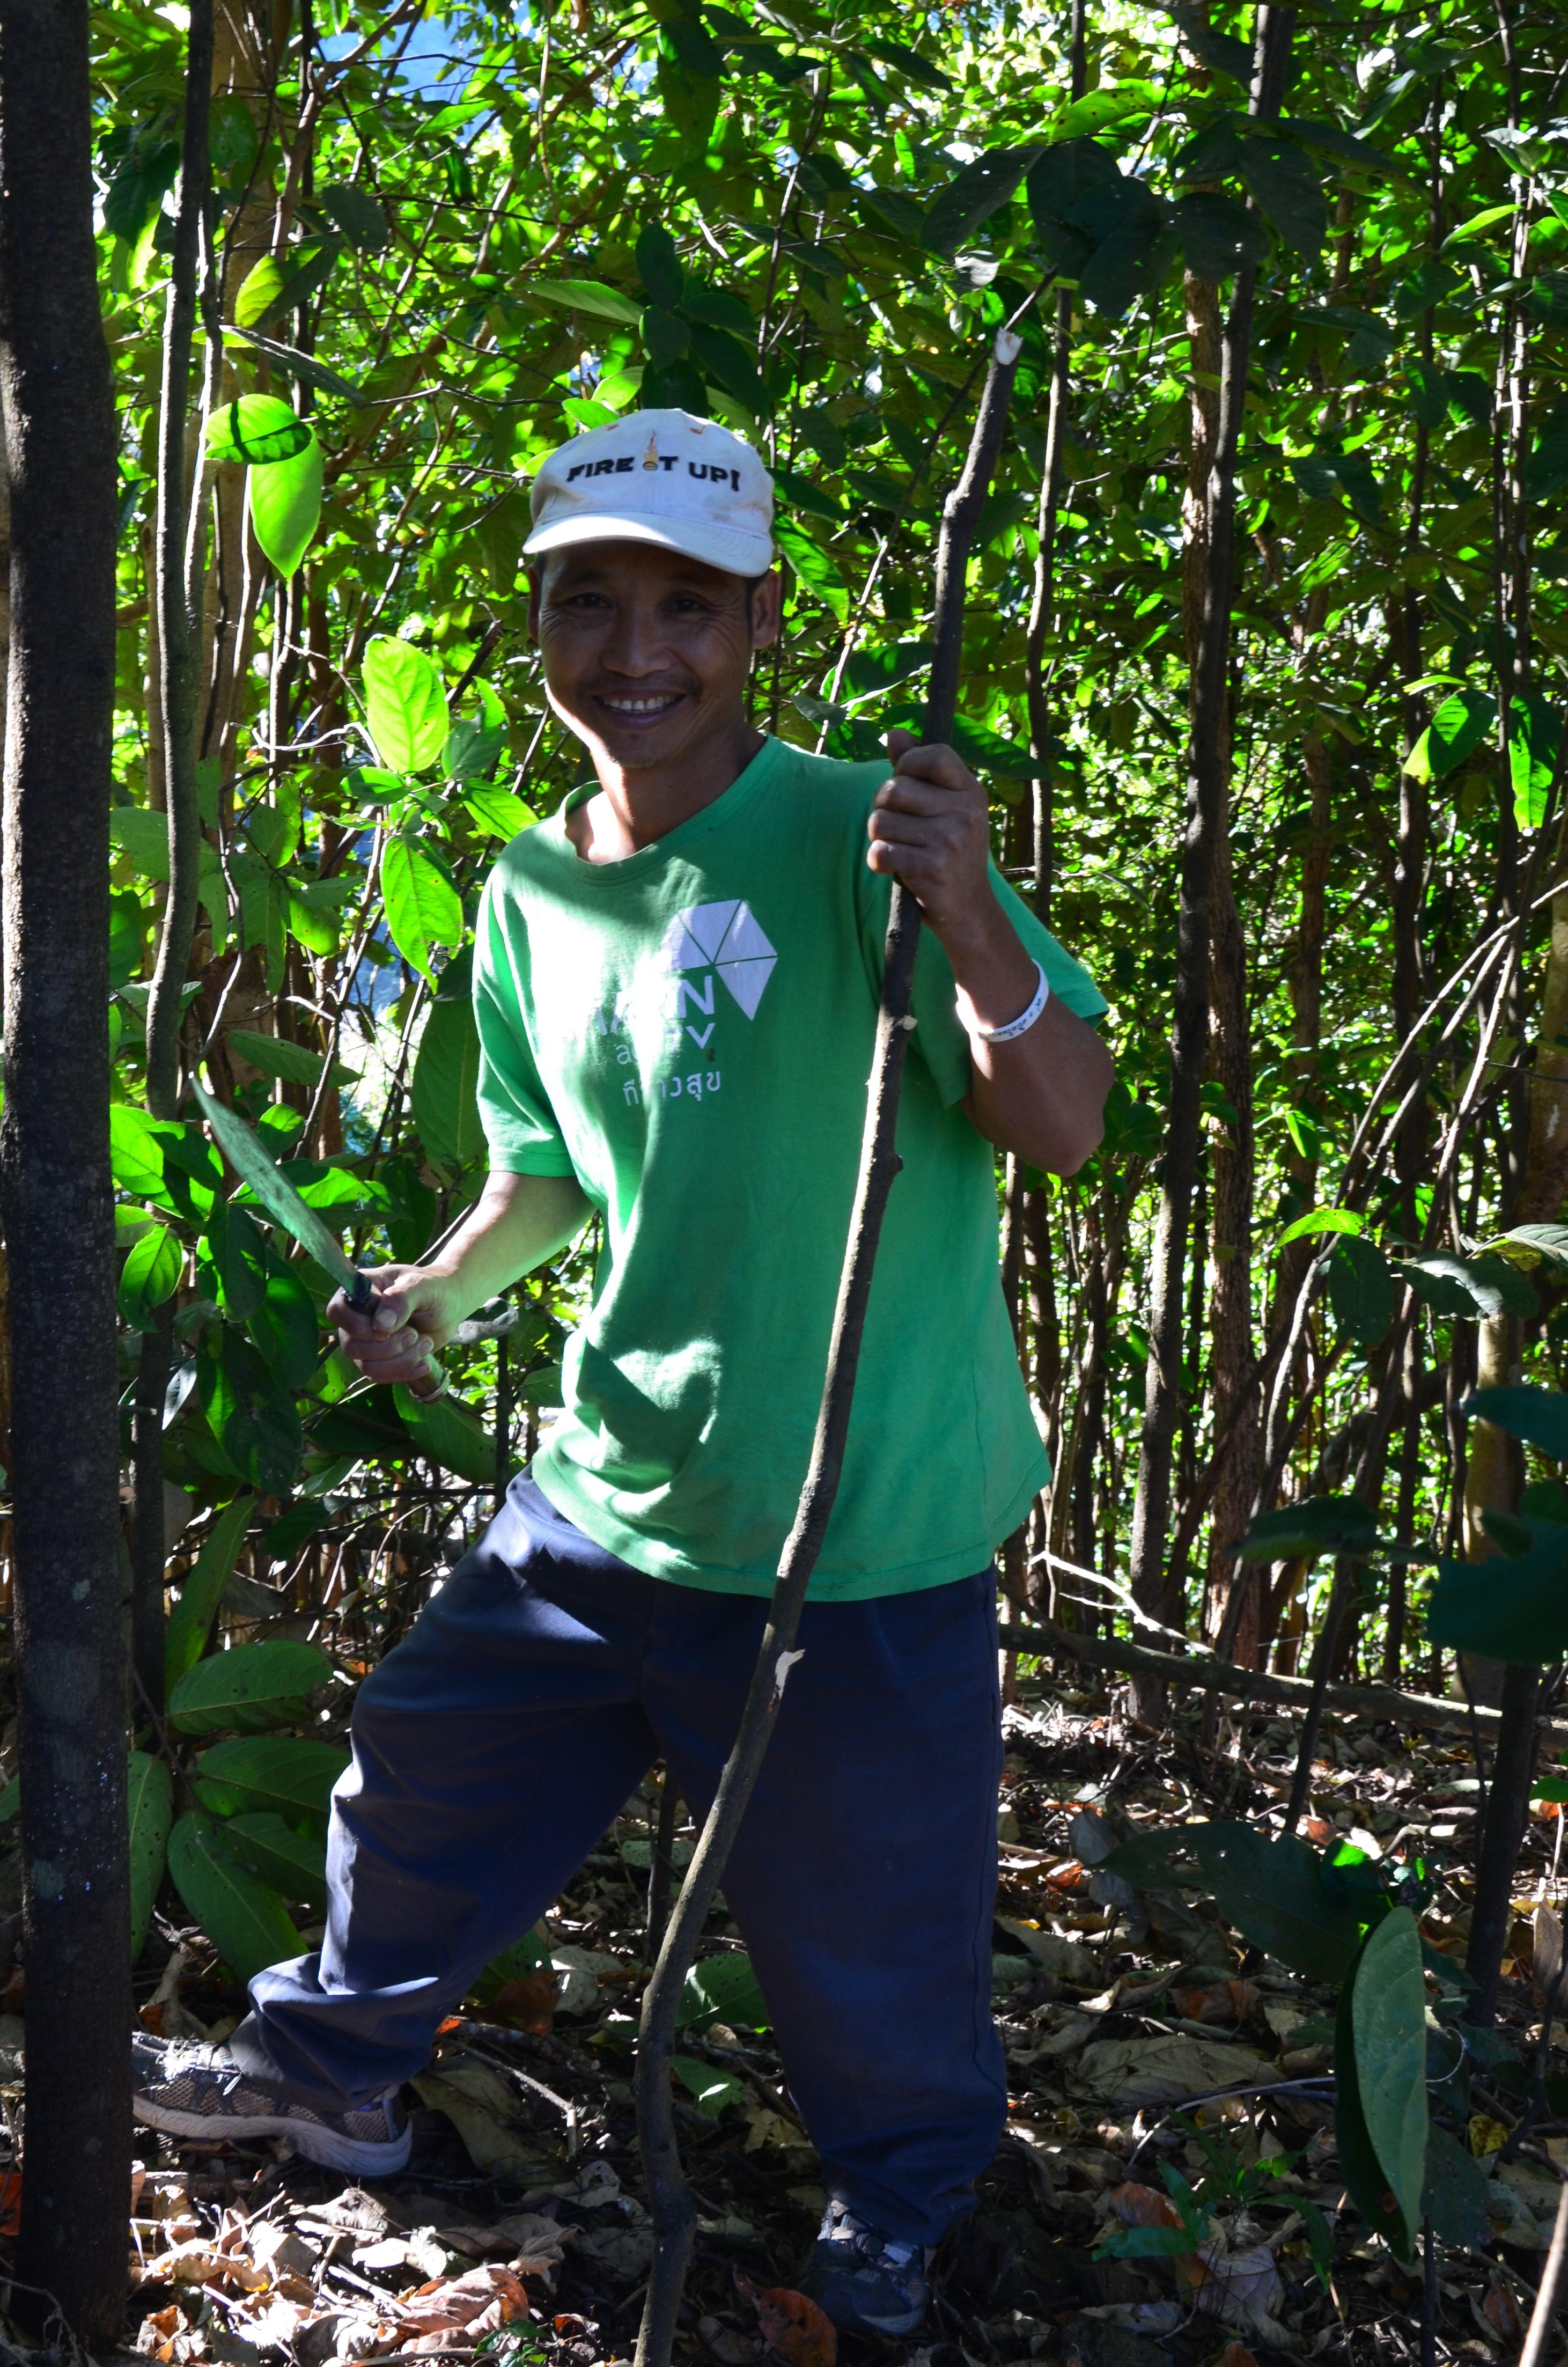 Нави и длинношеие женщины: поход в таиландские джунгли Нави и длинношеие женщины: поход в таиландские джунгли DSC 0876